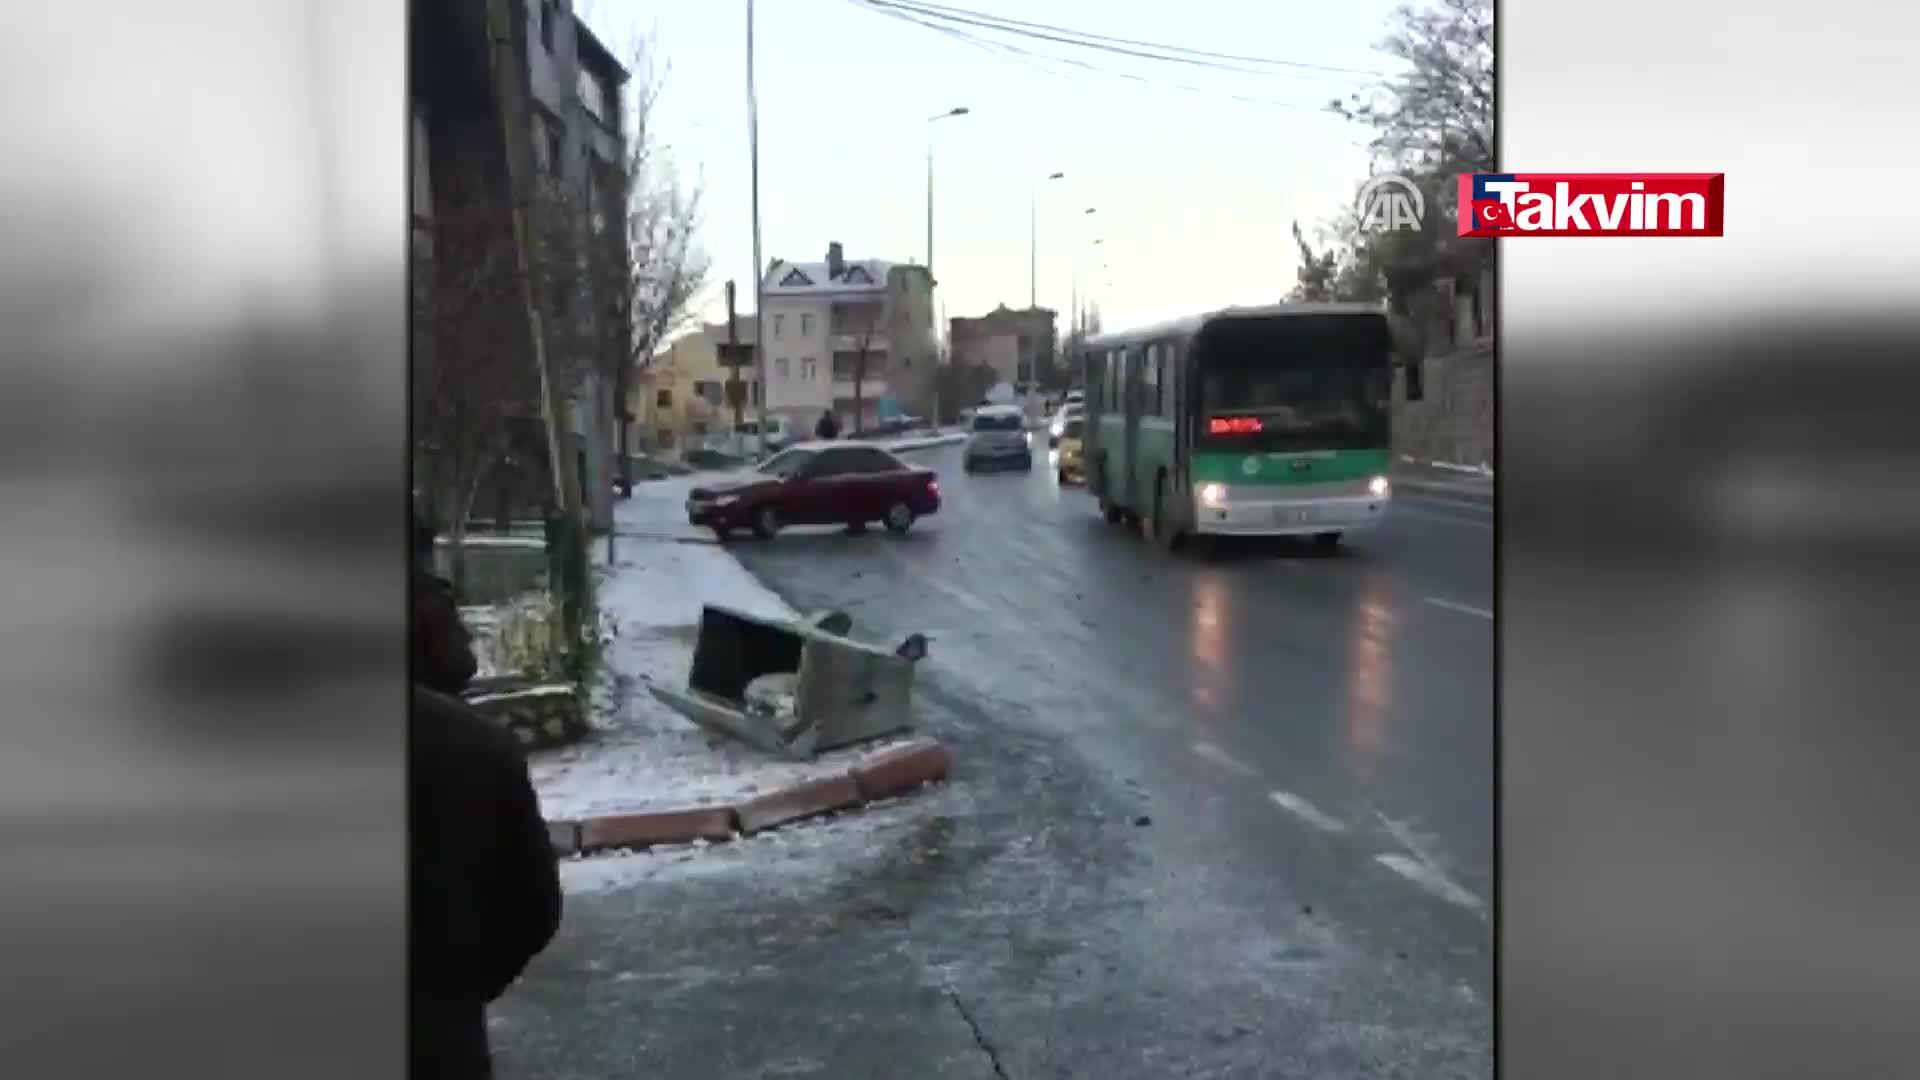 Inanılmaz Anlar Otobüs Kayarak Geliyor Arabadan In Haber Takvim